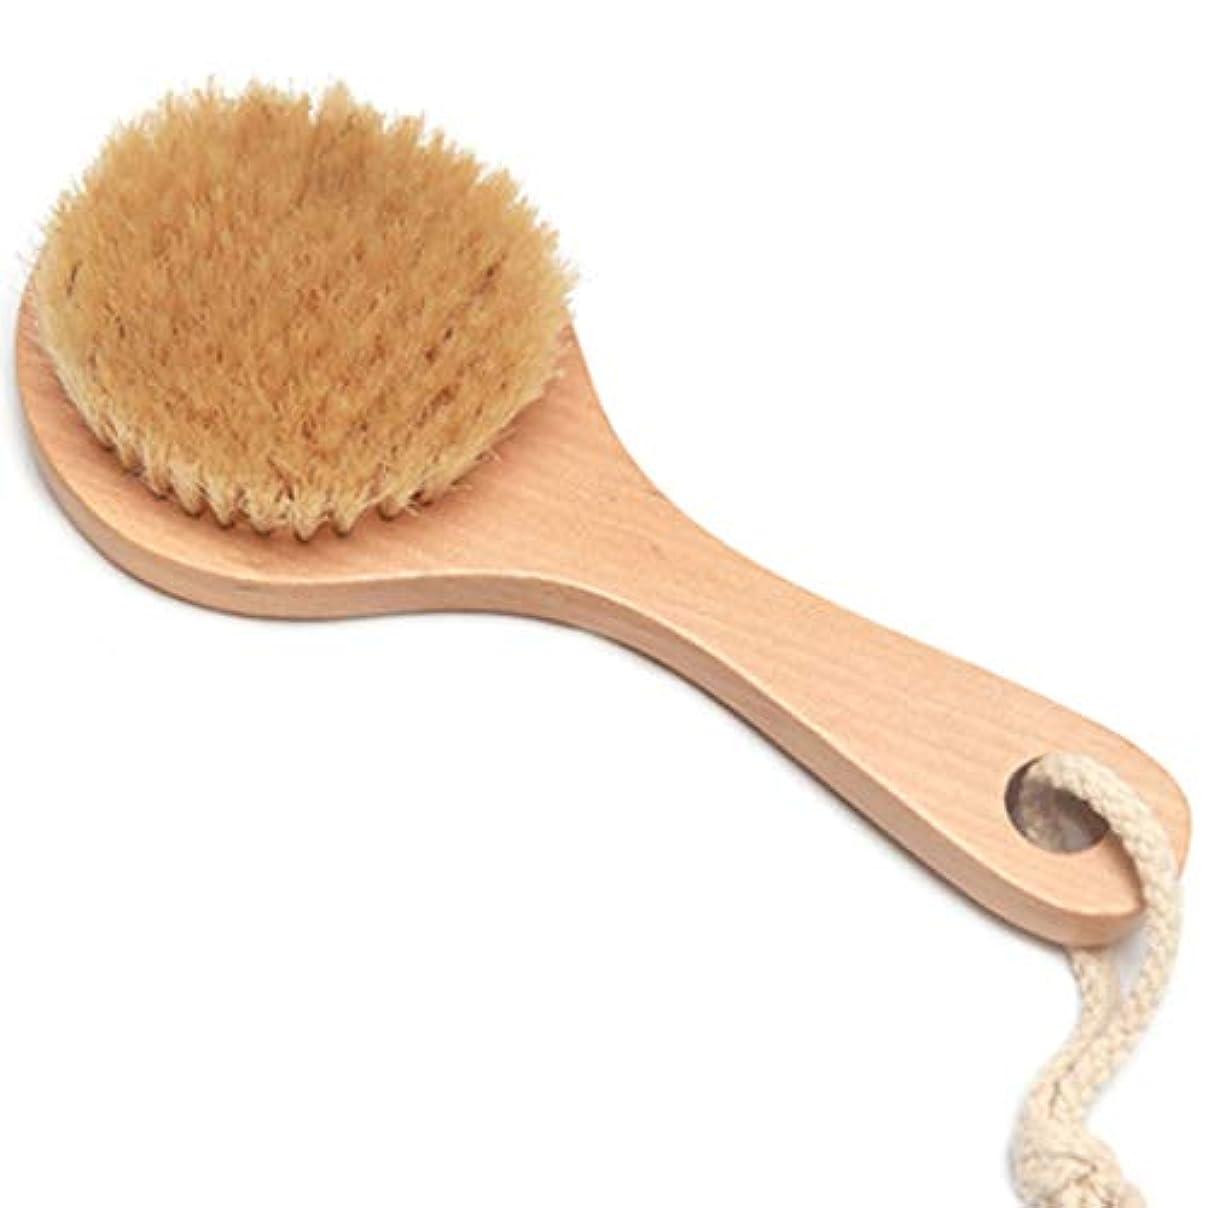 条約階生きるバスブラシバックブラシロングハンドルやわらかい毛髪バスブラシバスブラシ角質除去クリーニングブラシ (Color : Wood color, Size : 20*7.5cm)